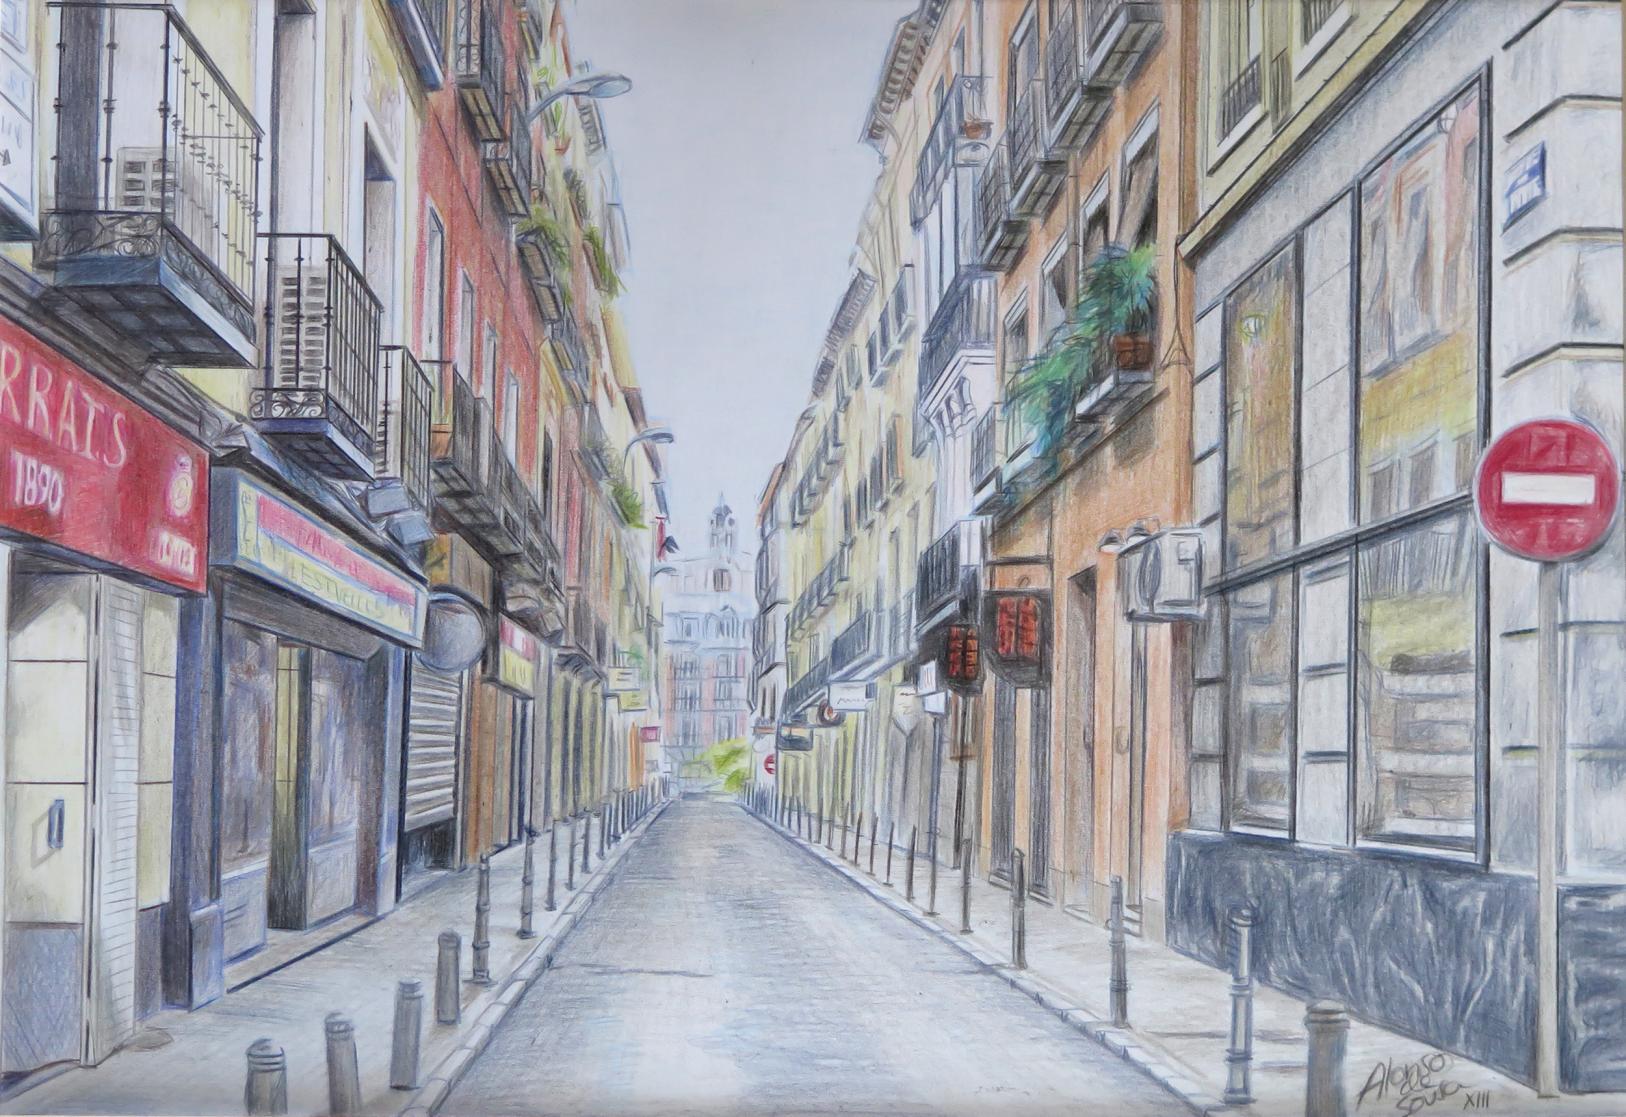 Calle San Bartolomé (2013) - Alonso de Sousa